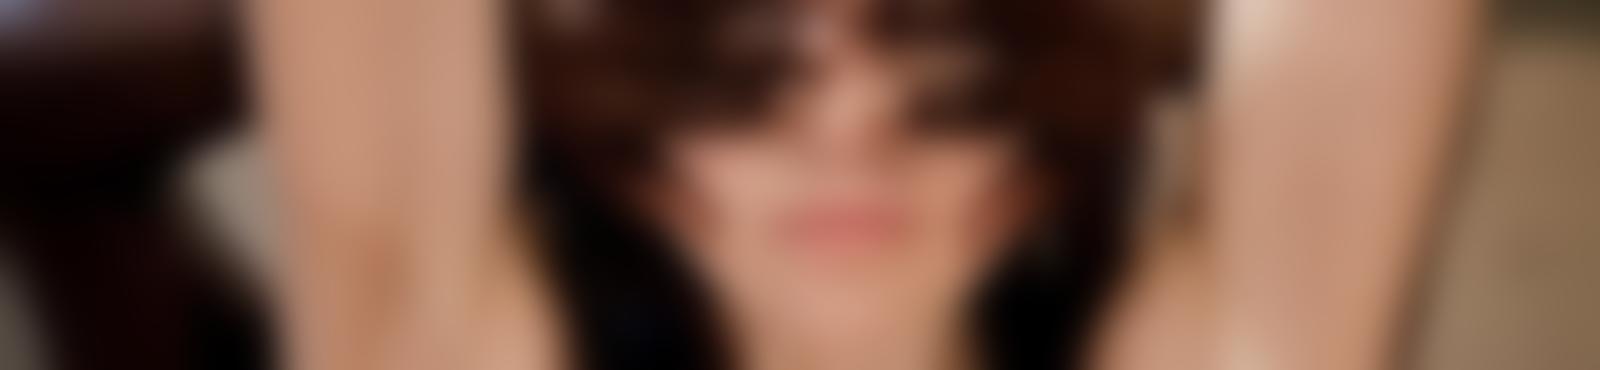 Blurred 0fa91c5c 1338 47af 800c 90aa39b07118